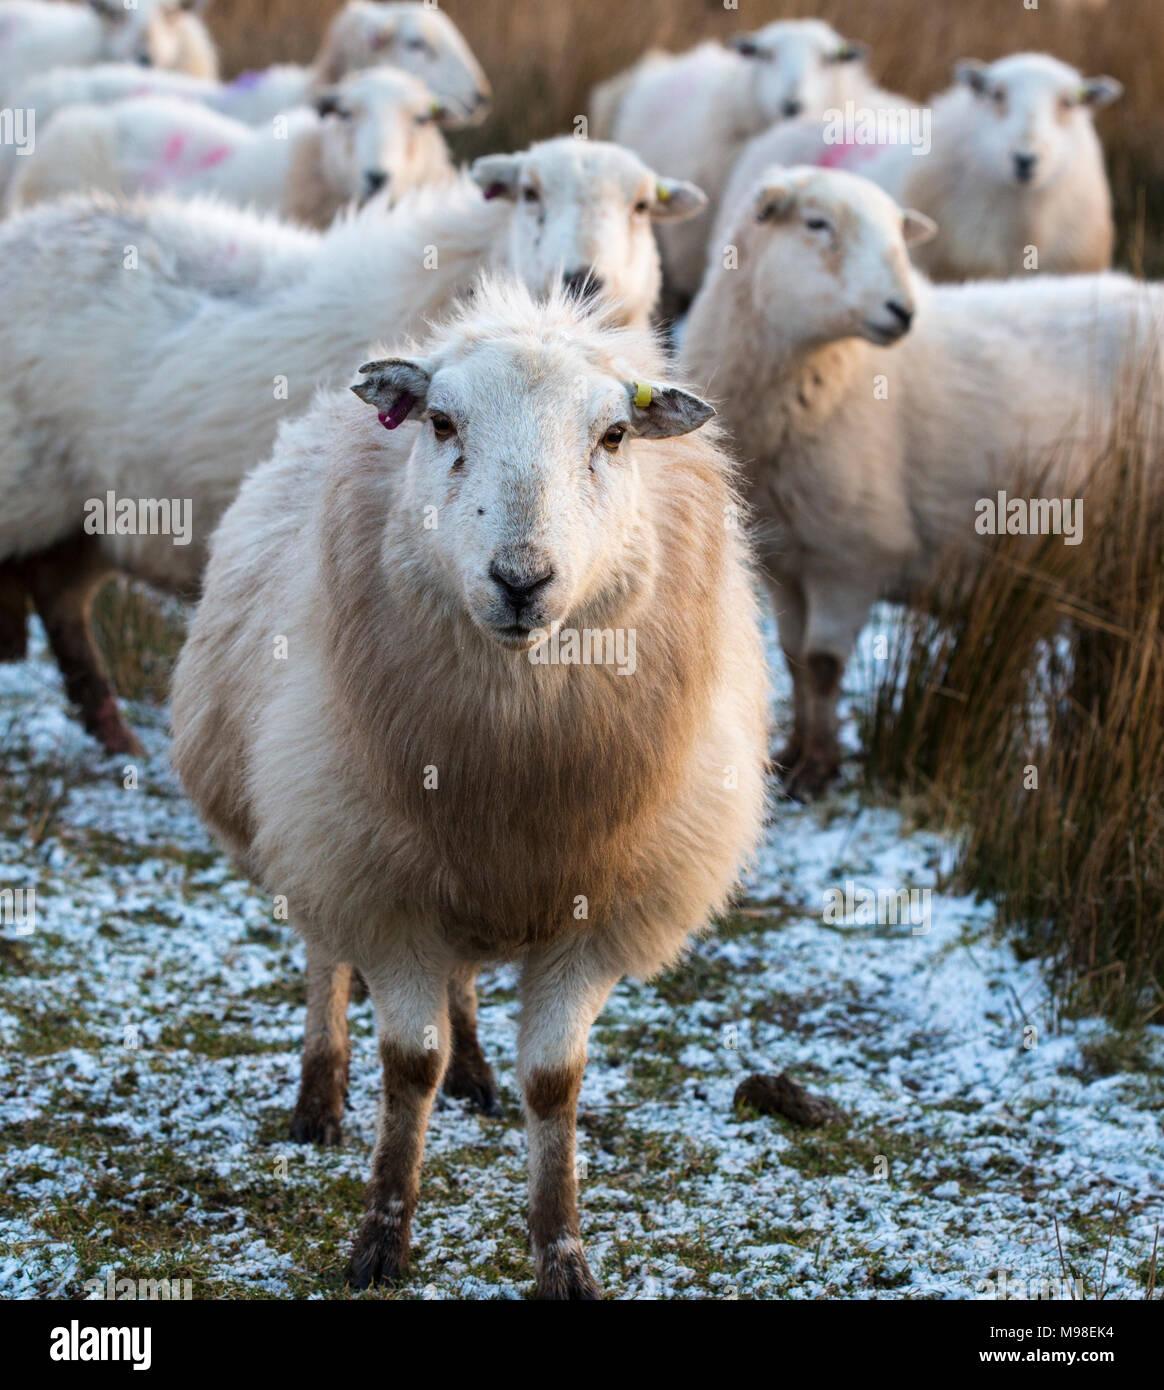 Ovejas Herdwick en Noth Gales en invierno al atardecer. Las ovejas tienen un tinte de color naranja debido a la puesta de sol. Las ovejas son debido a cordero pronto. Imagen De Stock